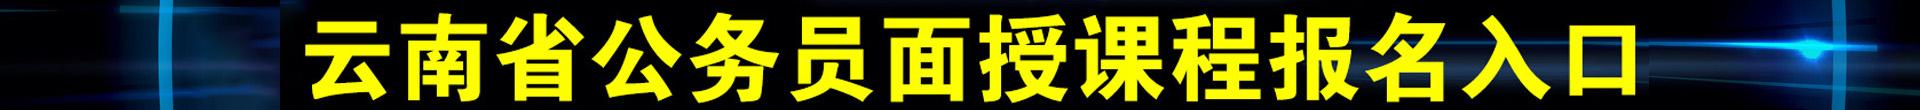 2020年云南省考培训课程